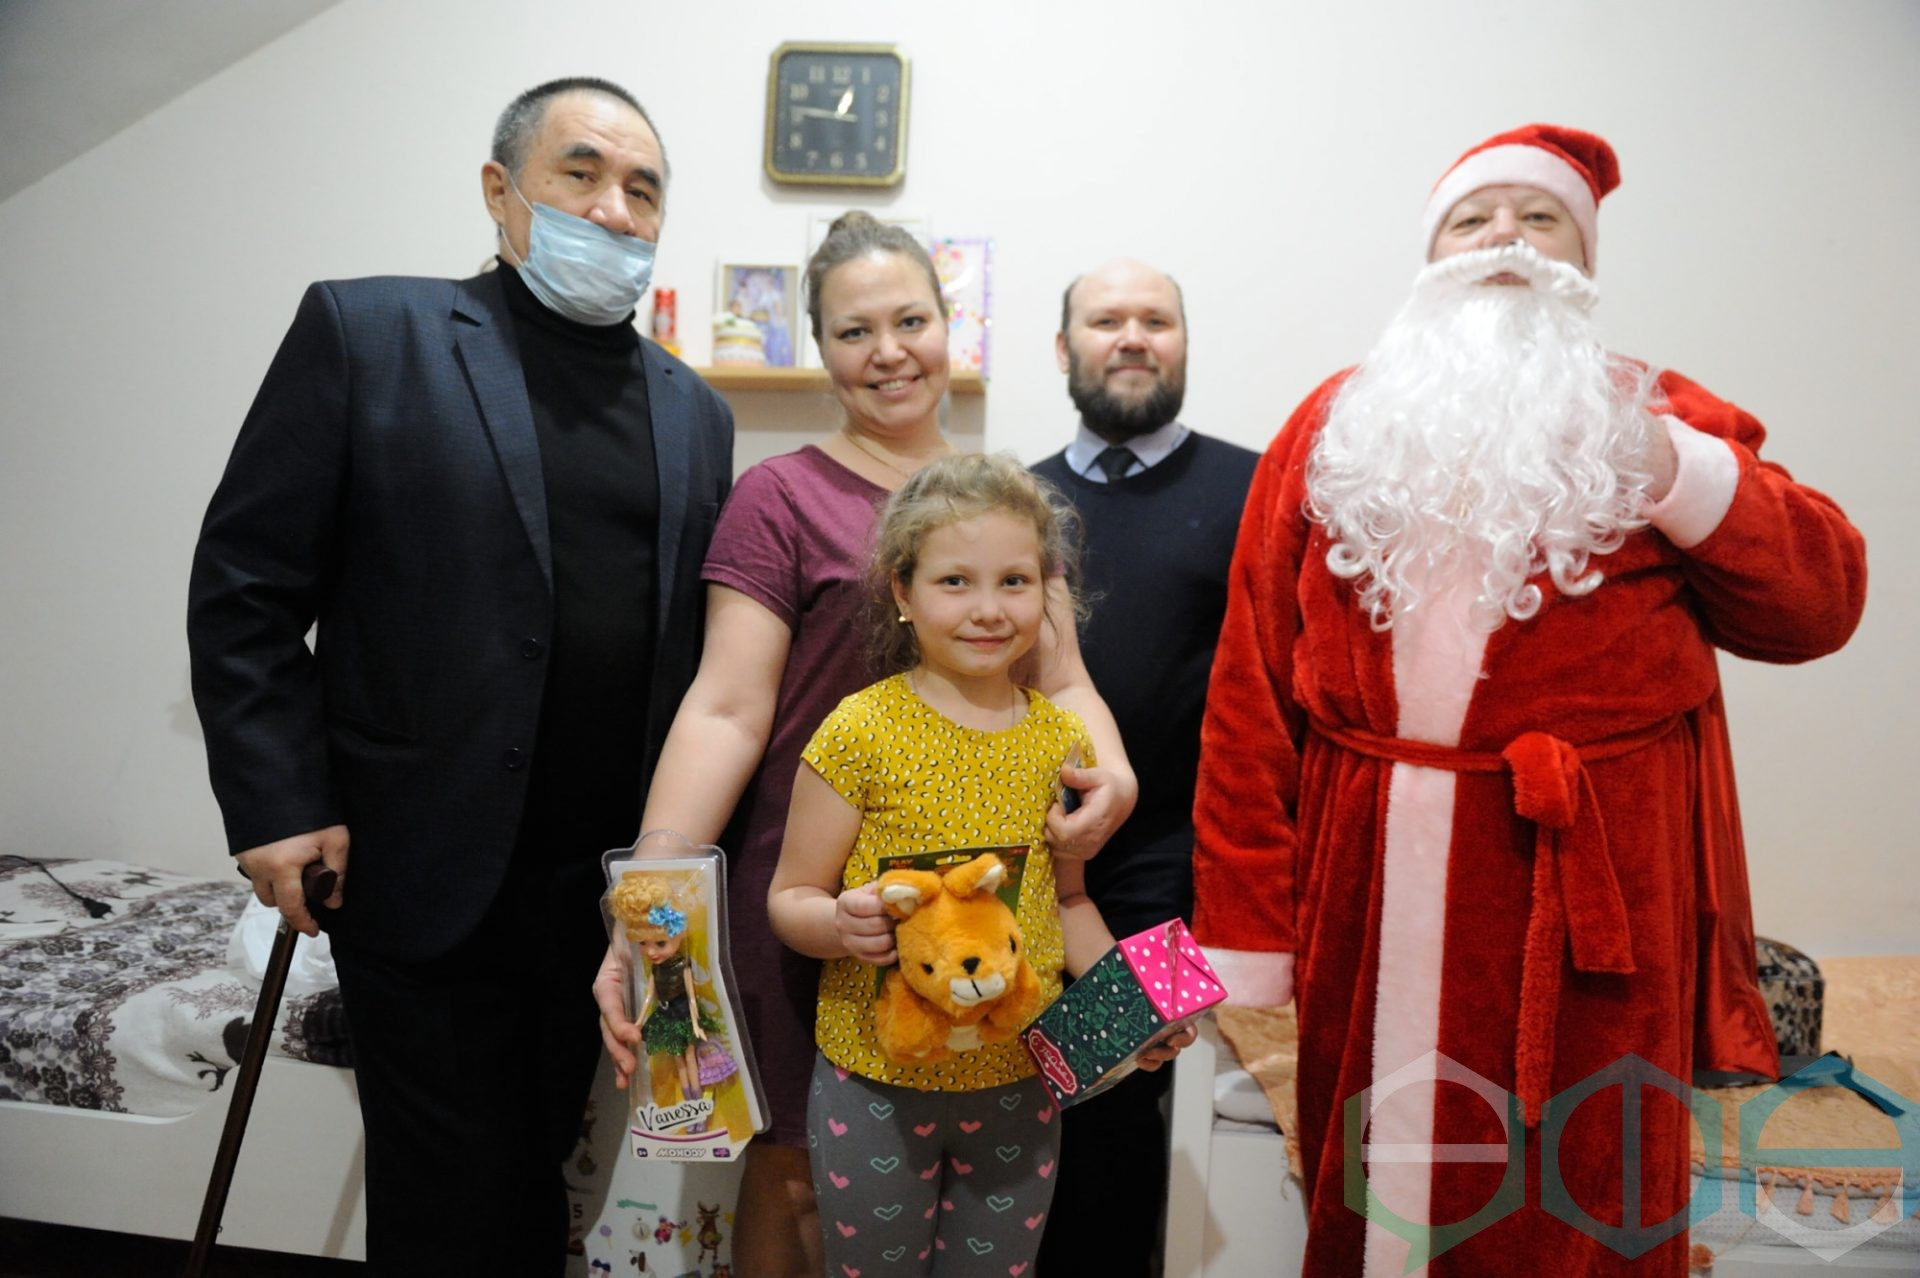 Представители Общества инвалидов города Уфы поздравили ребят с особенностями здоровья с праздником Крещения